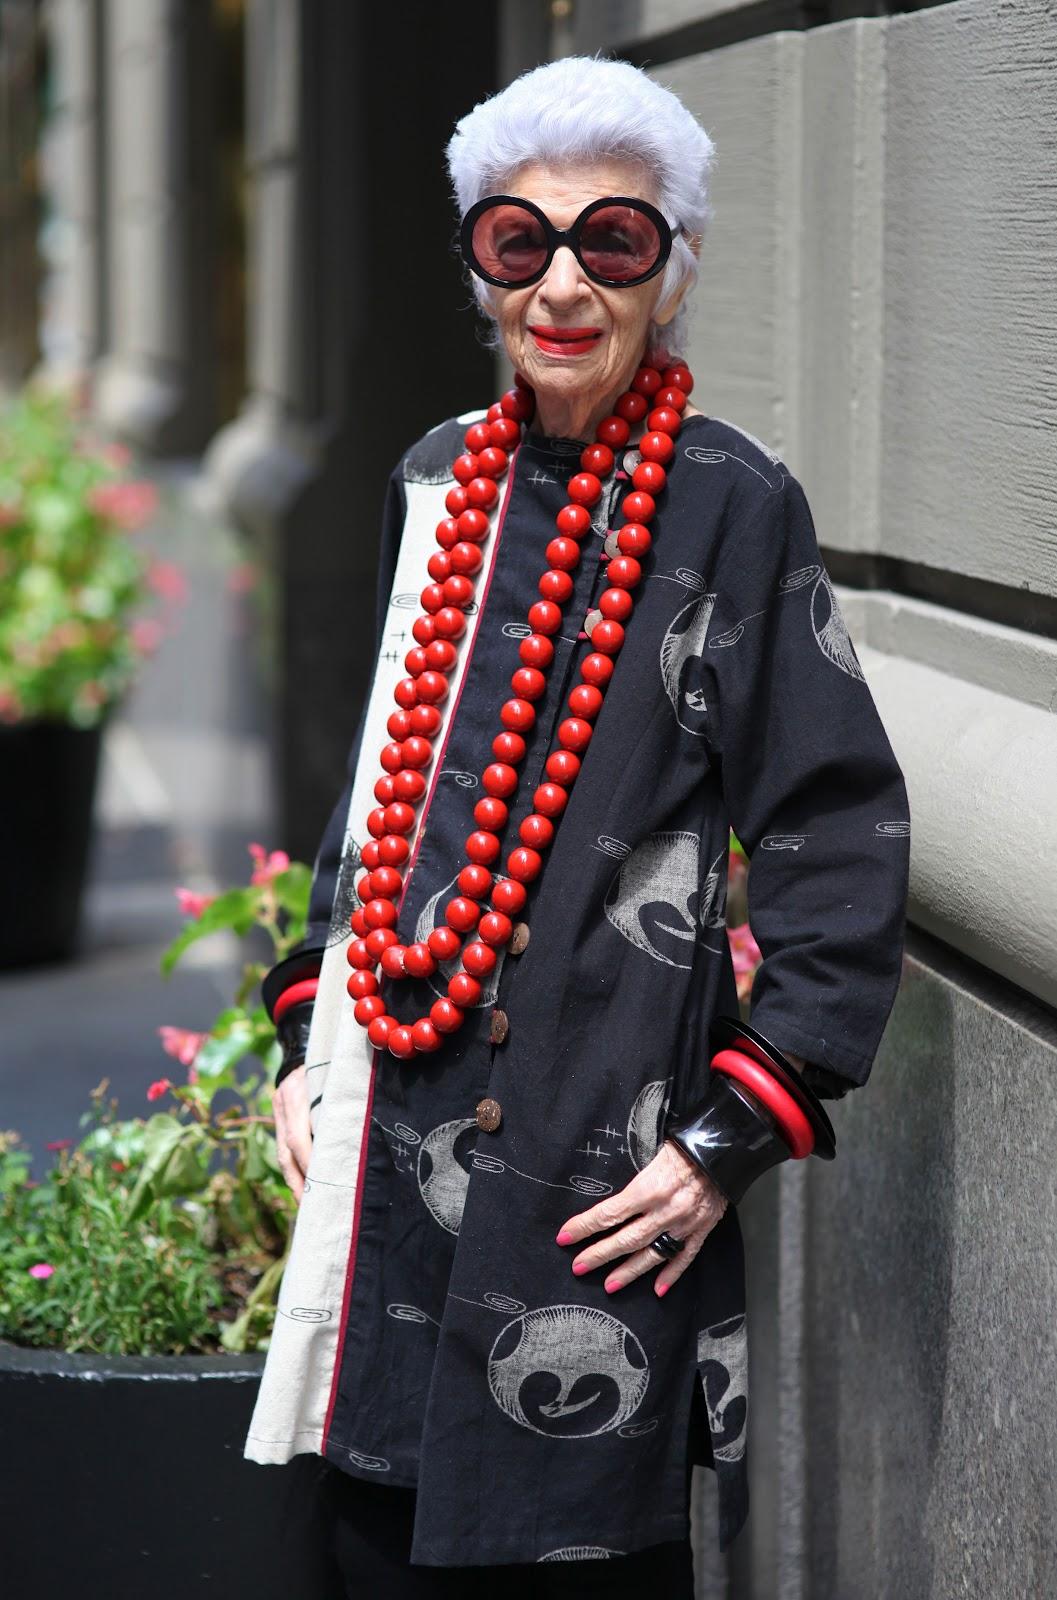 Bà Iris Apfel sinh năm 1921 tại New York, Mỹ. Thời thơ ấu, bà thường đến nhà ông bà chơi và tại đây, bà được tiếp xúc với vải vụn, phần dư ra sau khi mọi người may xong các sản phẩm từ thiện.